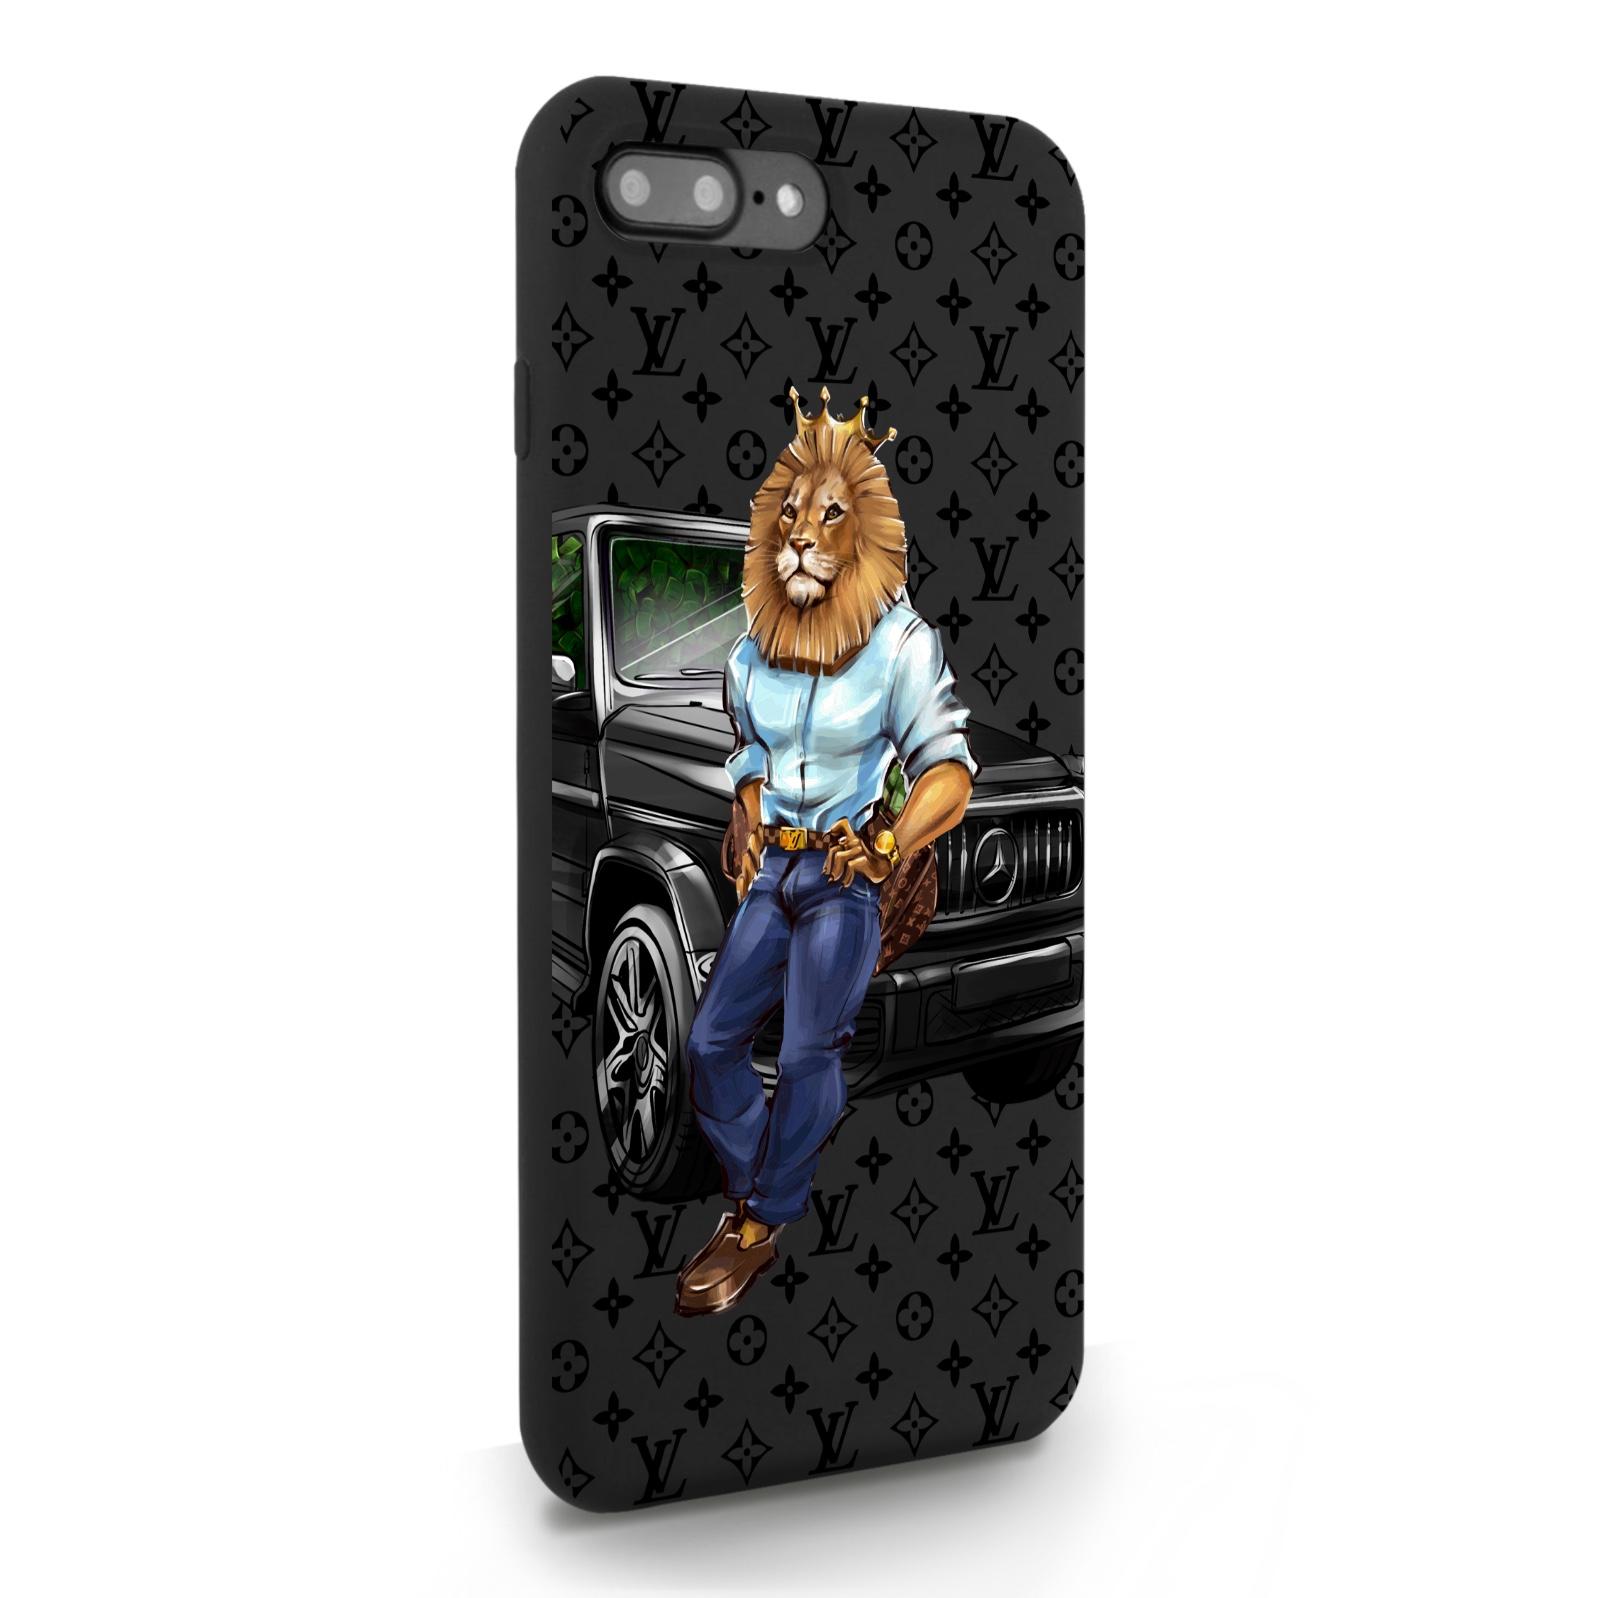 Черный силиконовый чехол для iPhone 7/8 Plus Lion Business для Айфон 7/8 Плюс